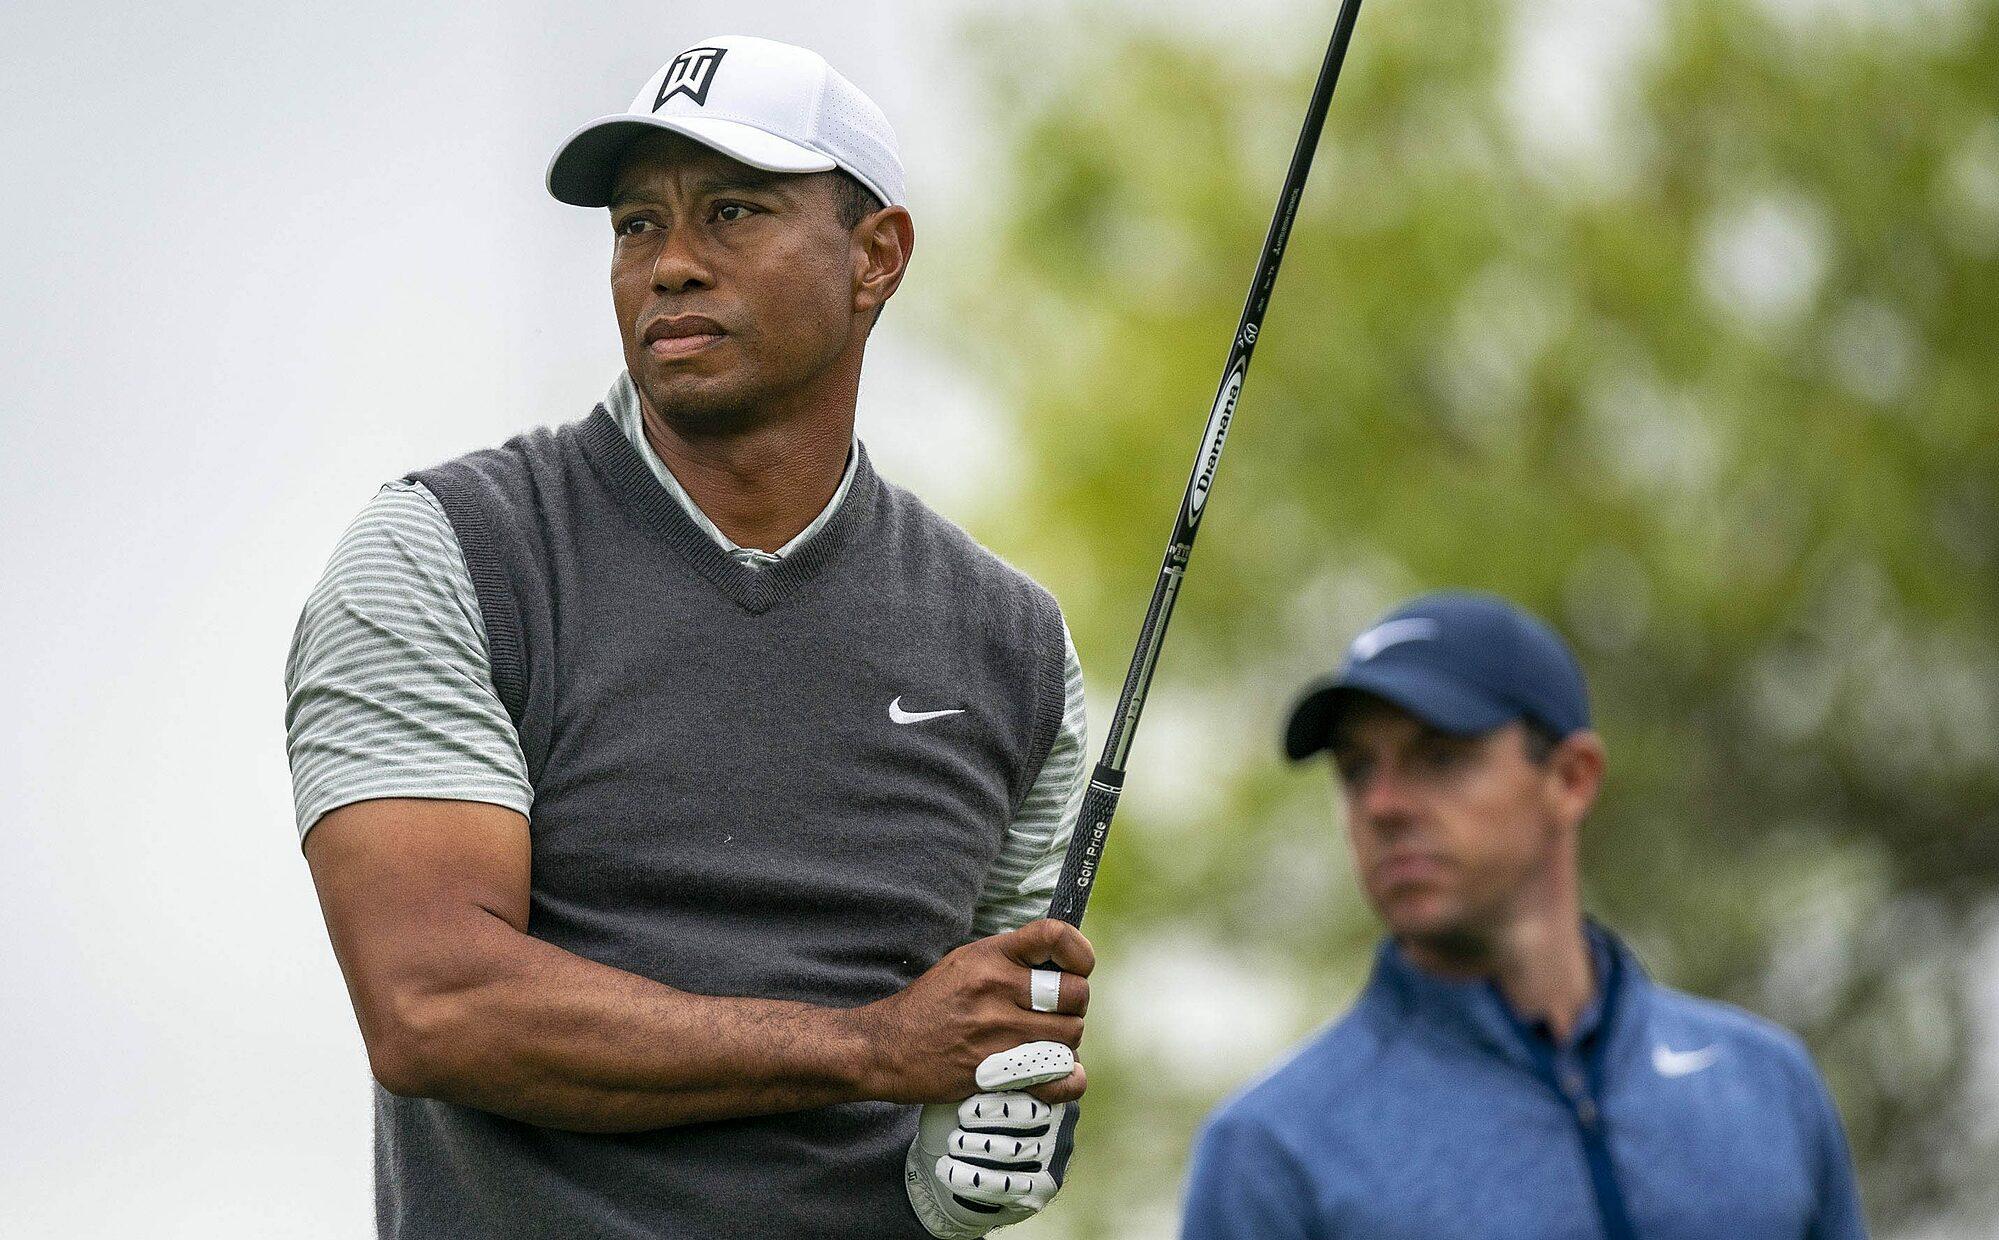 McIlroy tetap berhubungan, dan terus diperbarui tentang kesehatan sahabatnya Tiger Woods.  Foto: USA Today